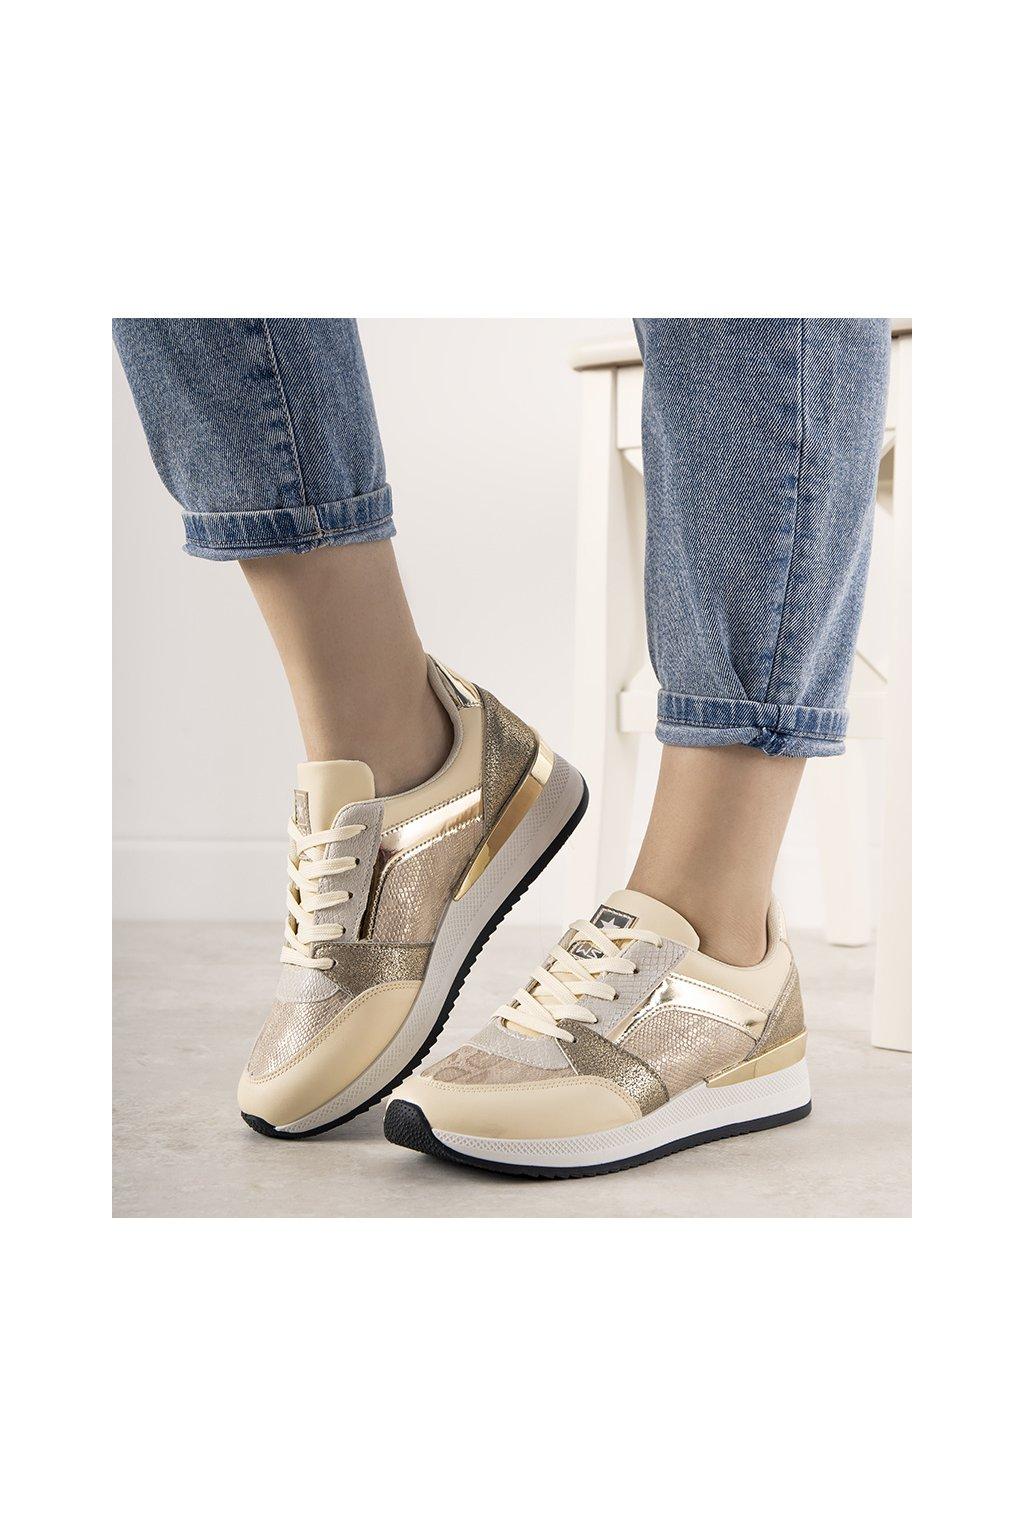 Dámske topánky tenisky hnedé kód 21SP26-4275 - GM